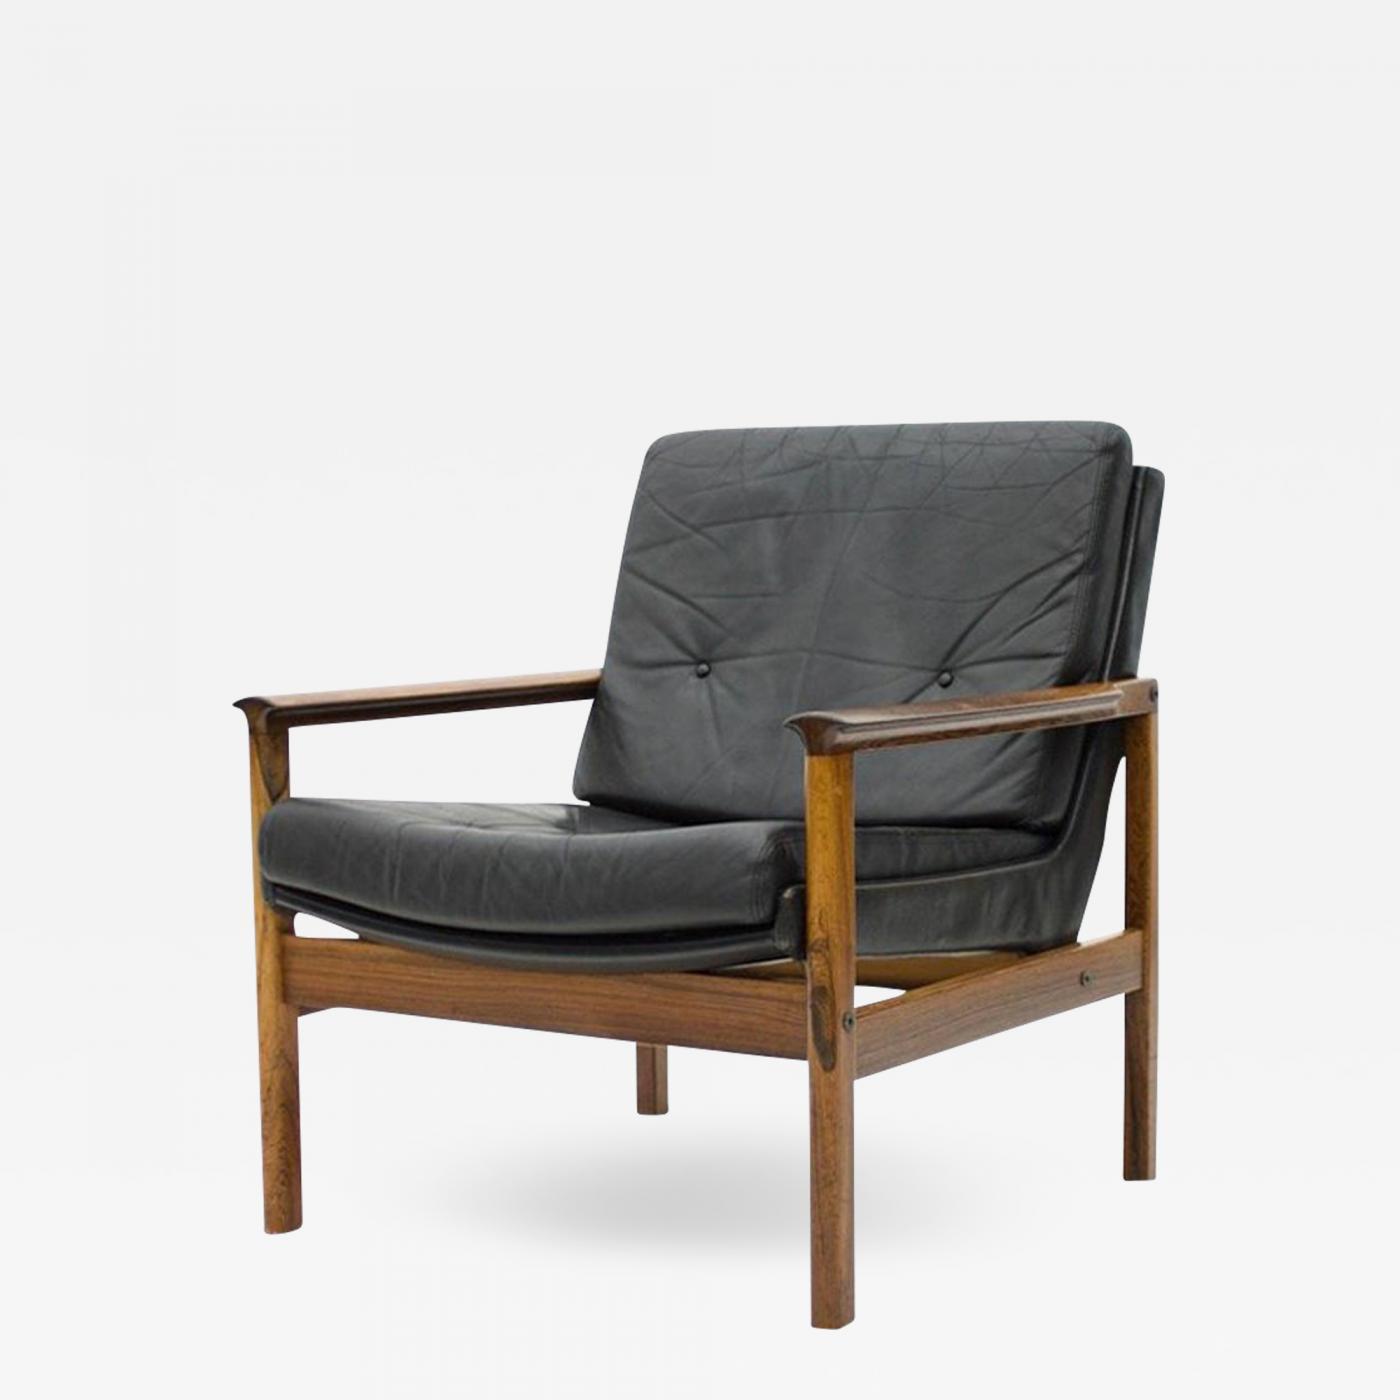 Surprising Scandinavian Easy Chair In Rosewood And Black Leather 1960S Inzonedesignstudio Interior Chair Design Inzonedesignstudiocom